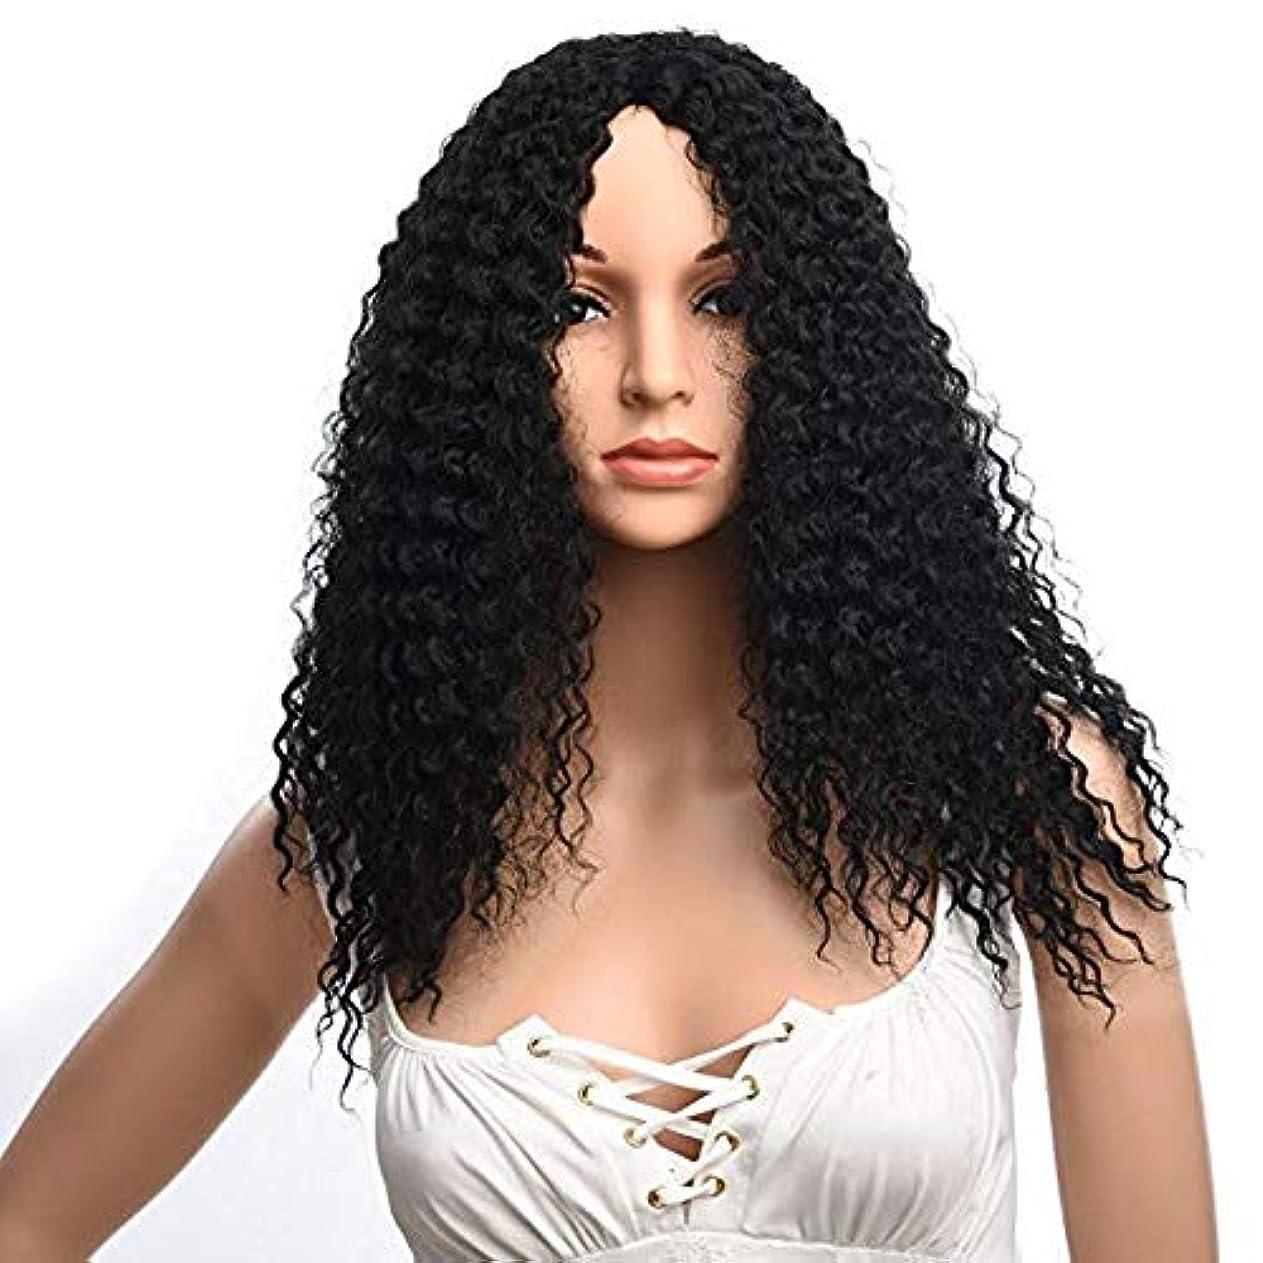 微妙吹きさらし引っ張る女性の肩短い髪ふわふわ高温シルクファッションかつら